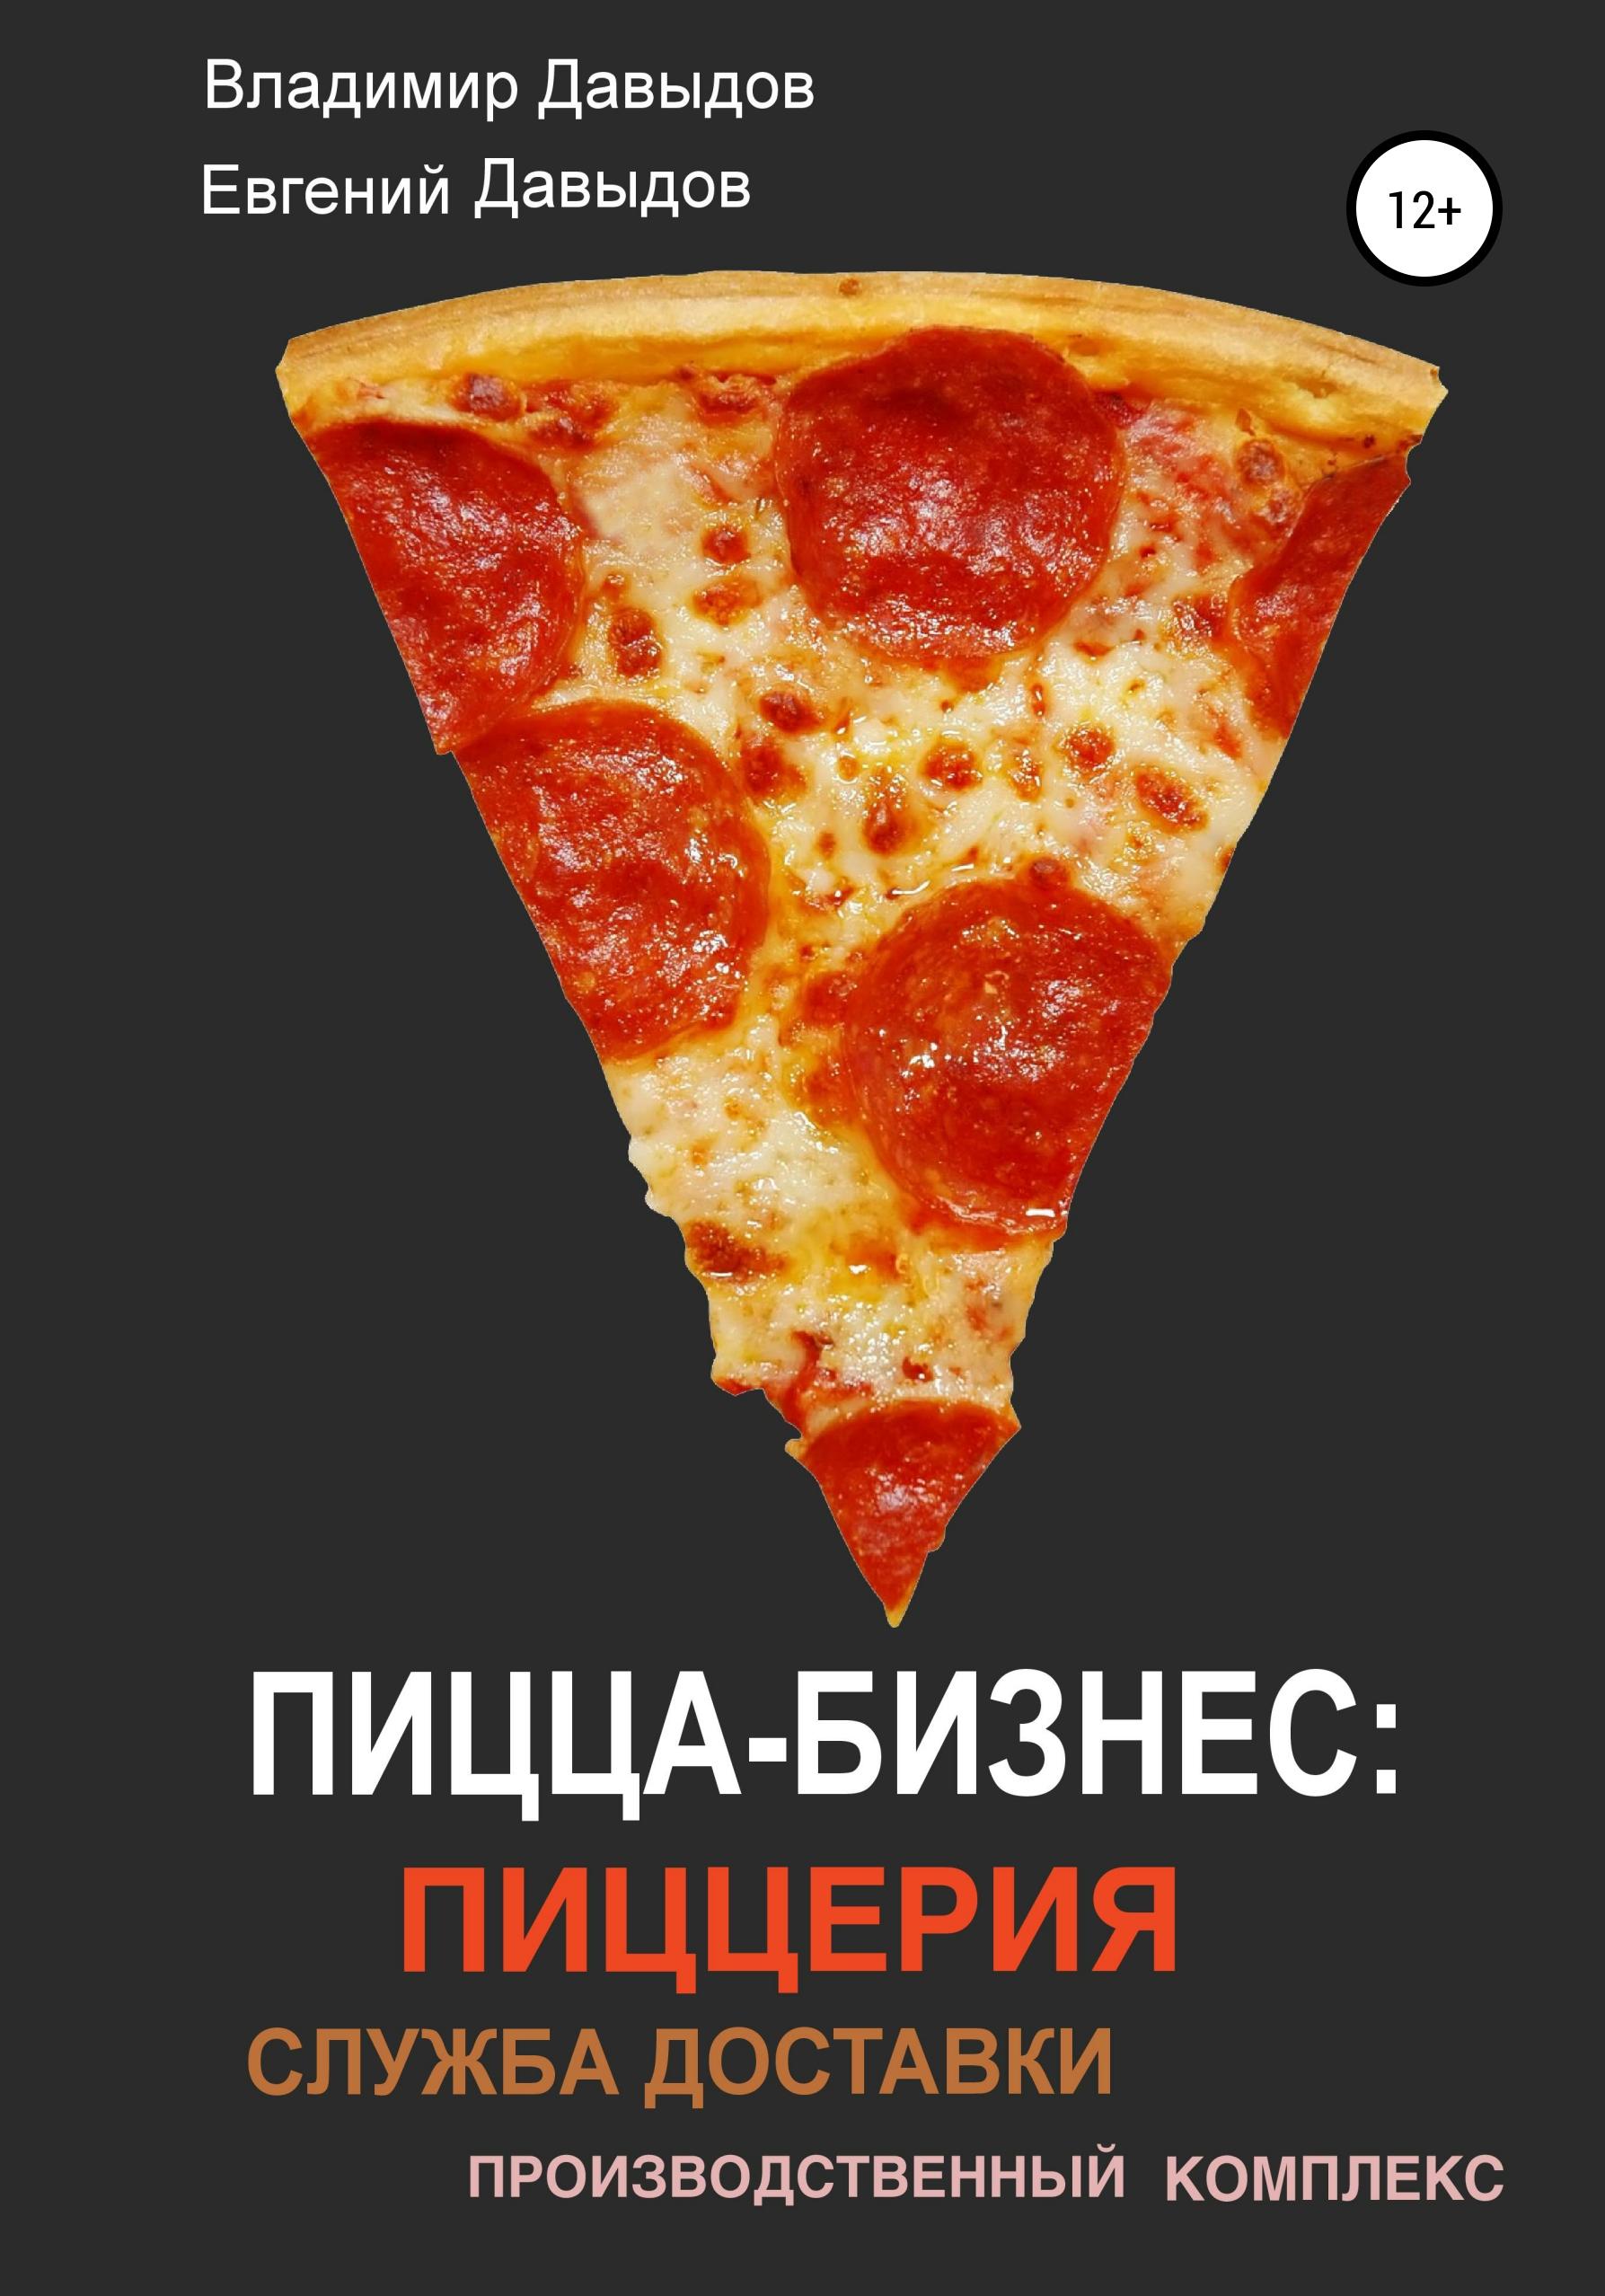 Владимир Давыдов Пицца-бизнес: пиццерия, служба доставки, производственный комплекс цена